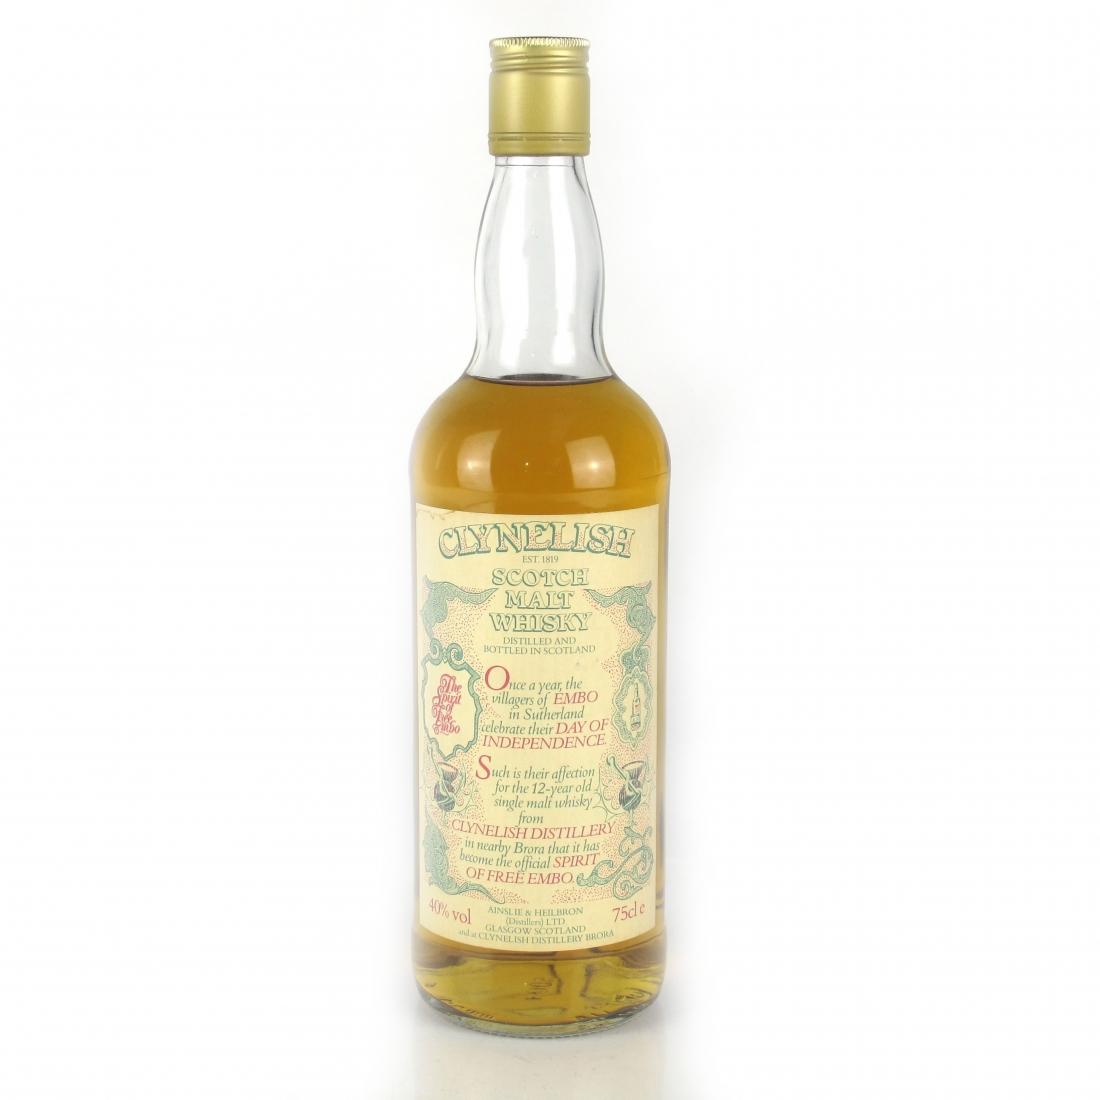 Clynelish 12 Year Old / Spirit of Free Embo Bottled 1988